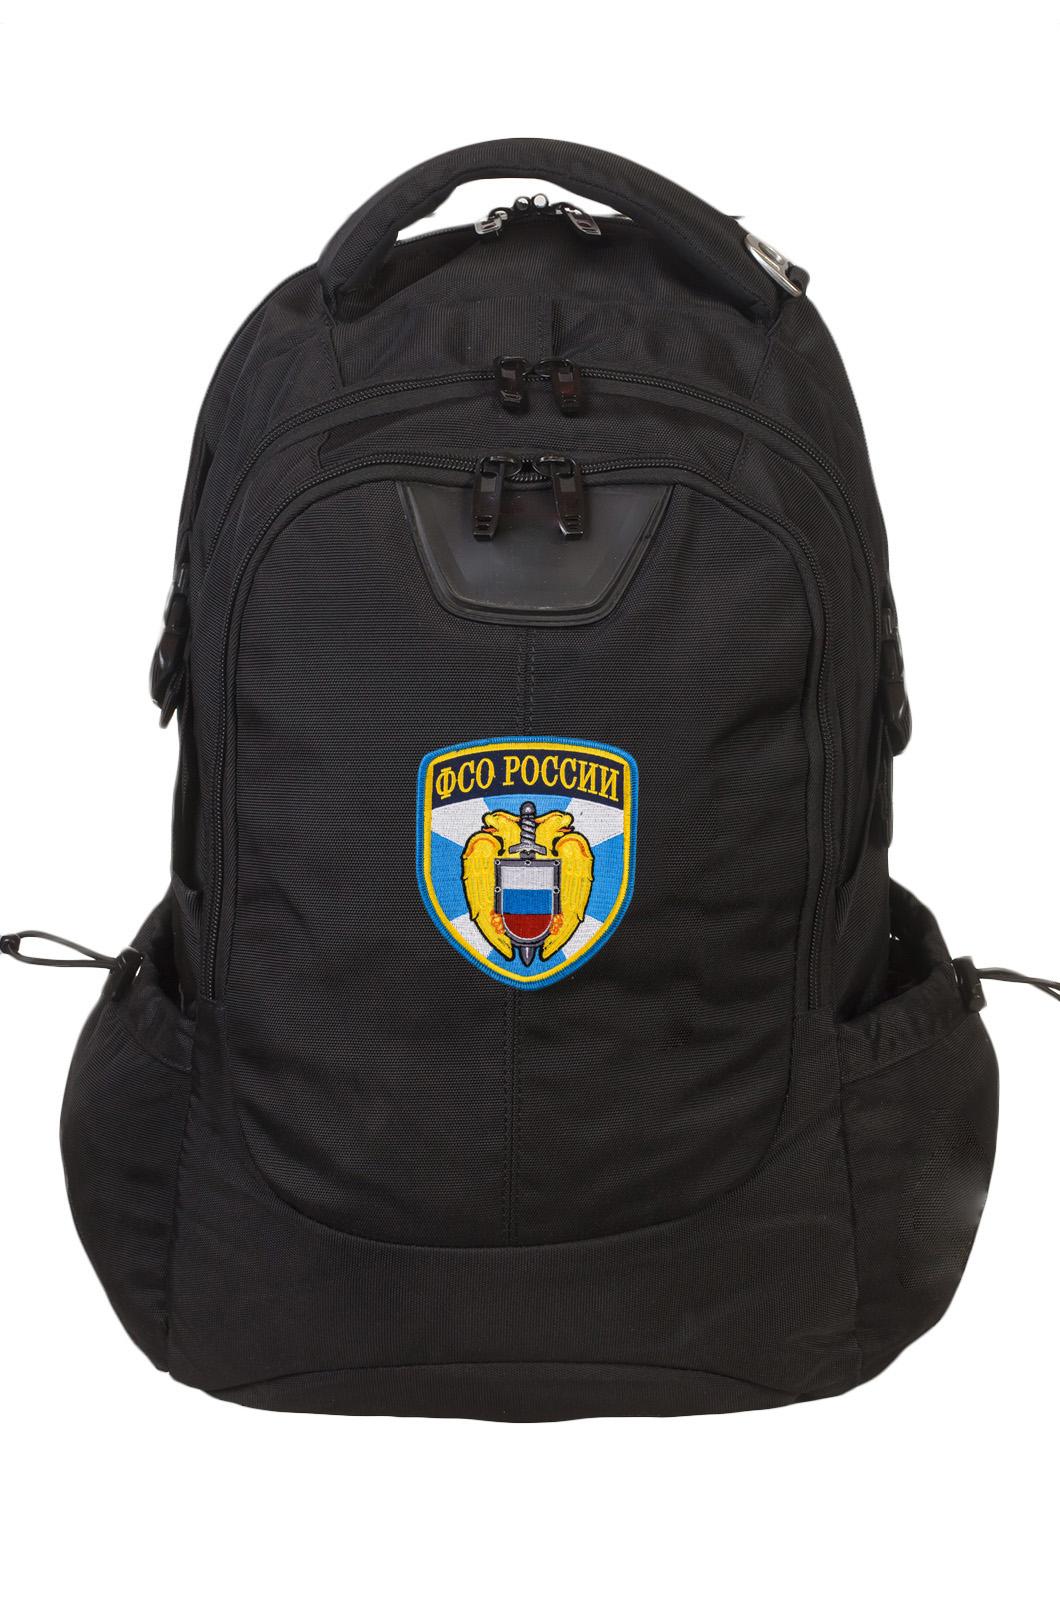 Зачетный внушительный рюкзак с нашивкой ФСО России